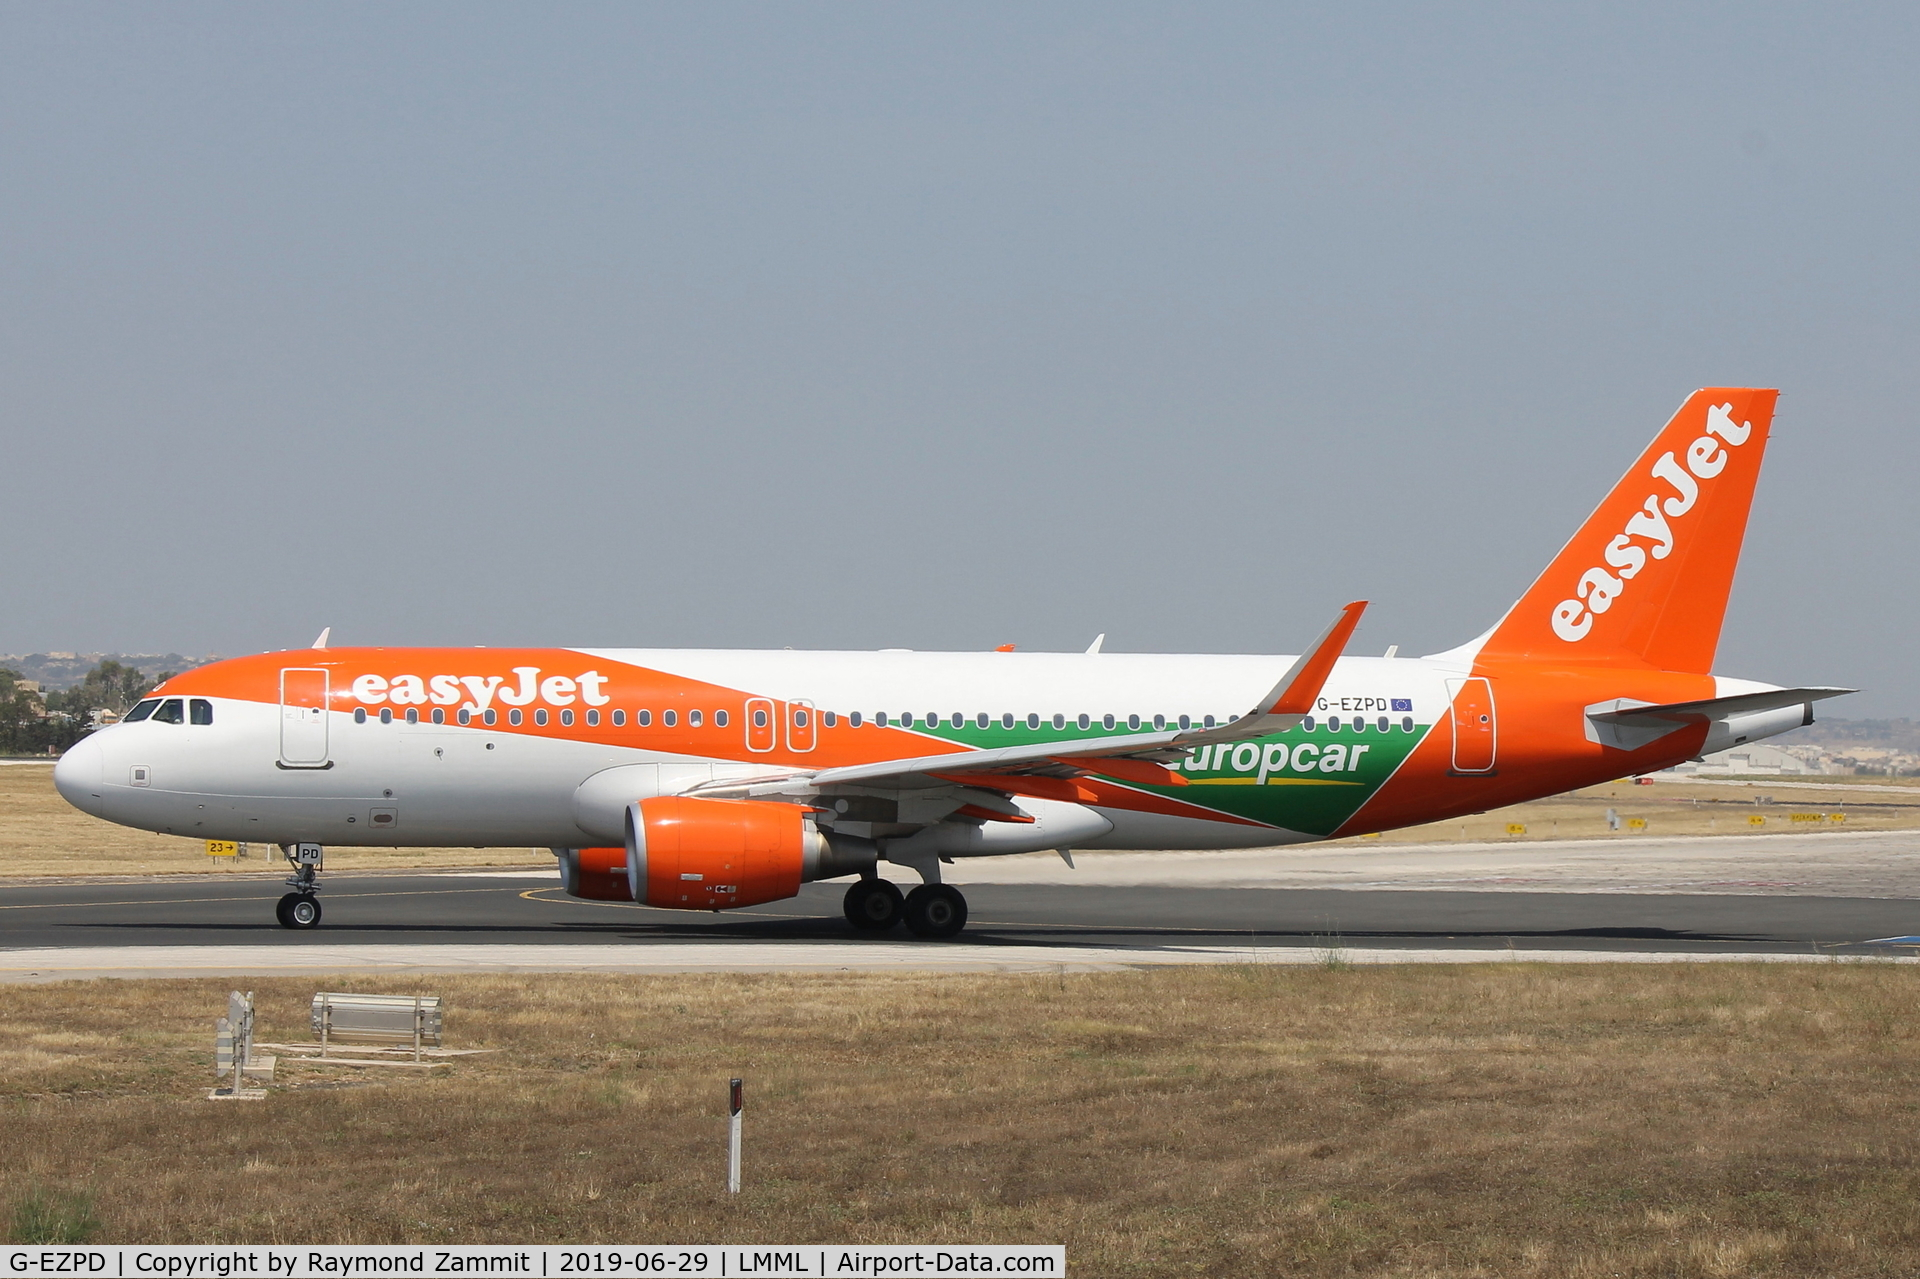 G-EZPD, 2015 Airbus A320-214 C/N 7040, A320 G-EZPD Easyjet